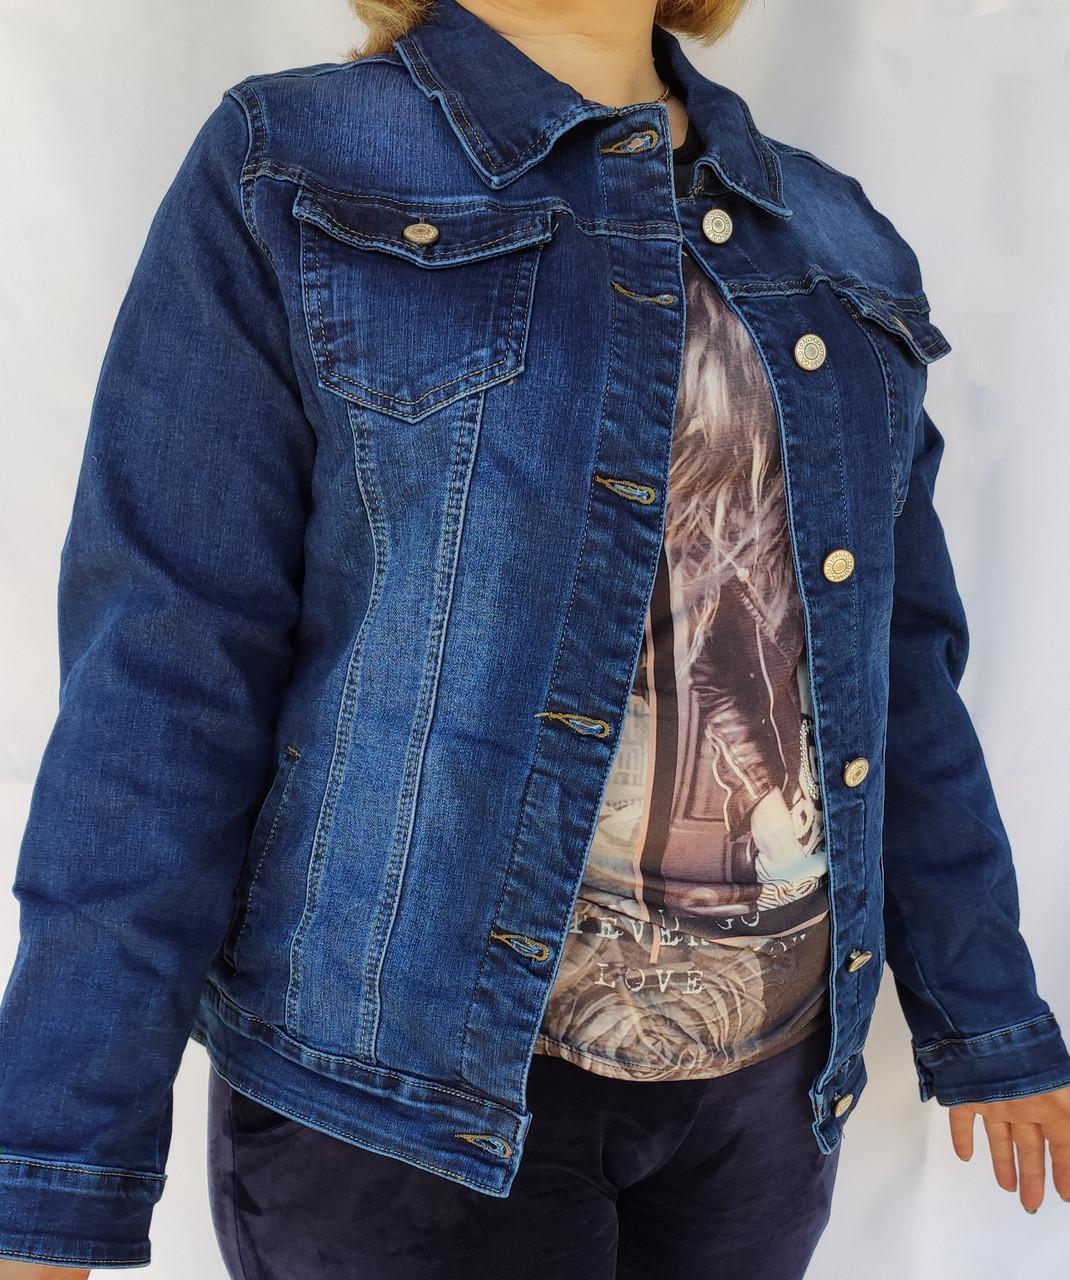 Куртка женская джинсовая 46-48 темно-синяя на пуговицах стрейчевая